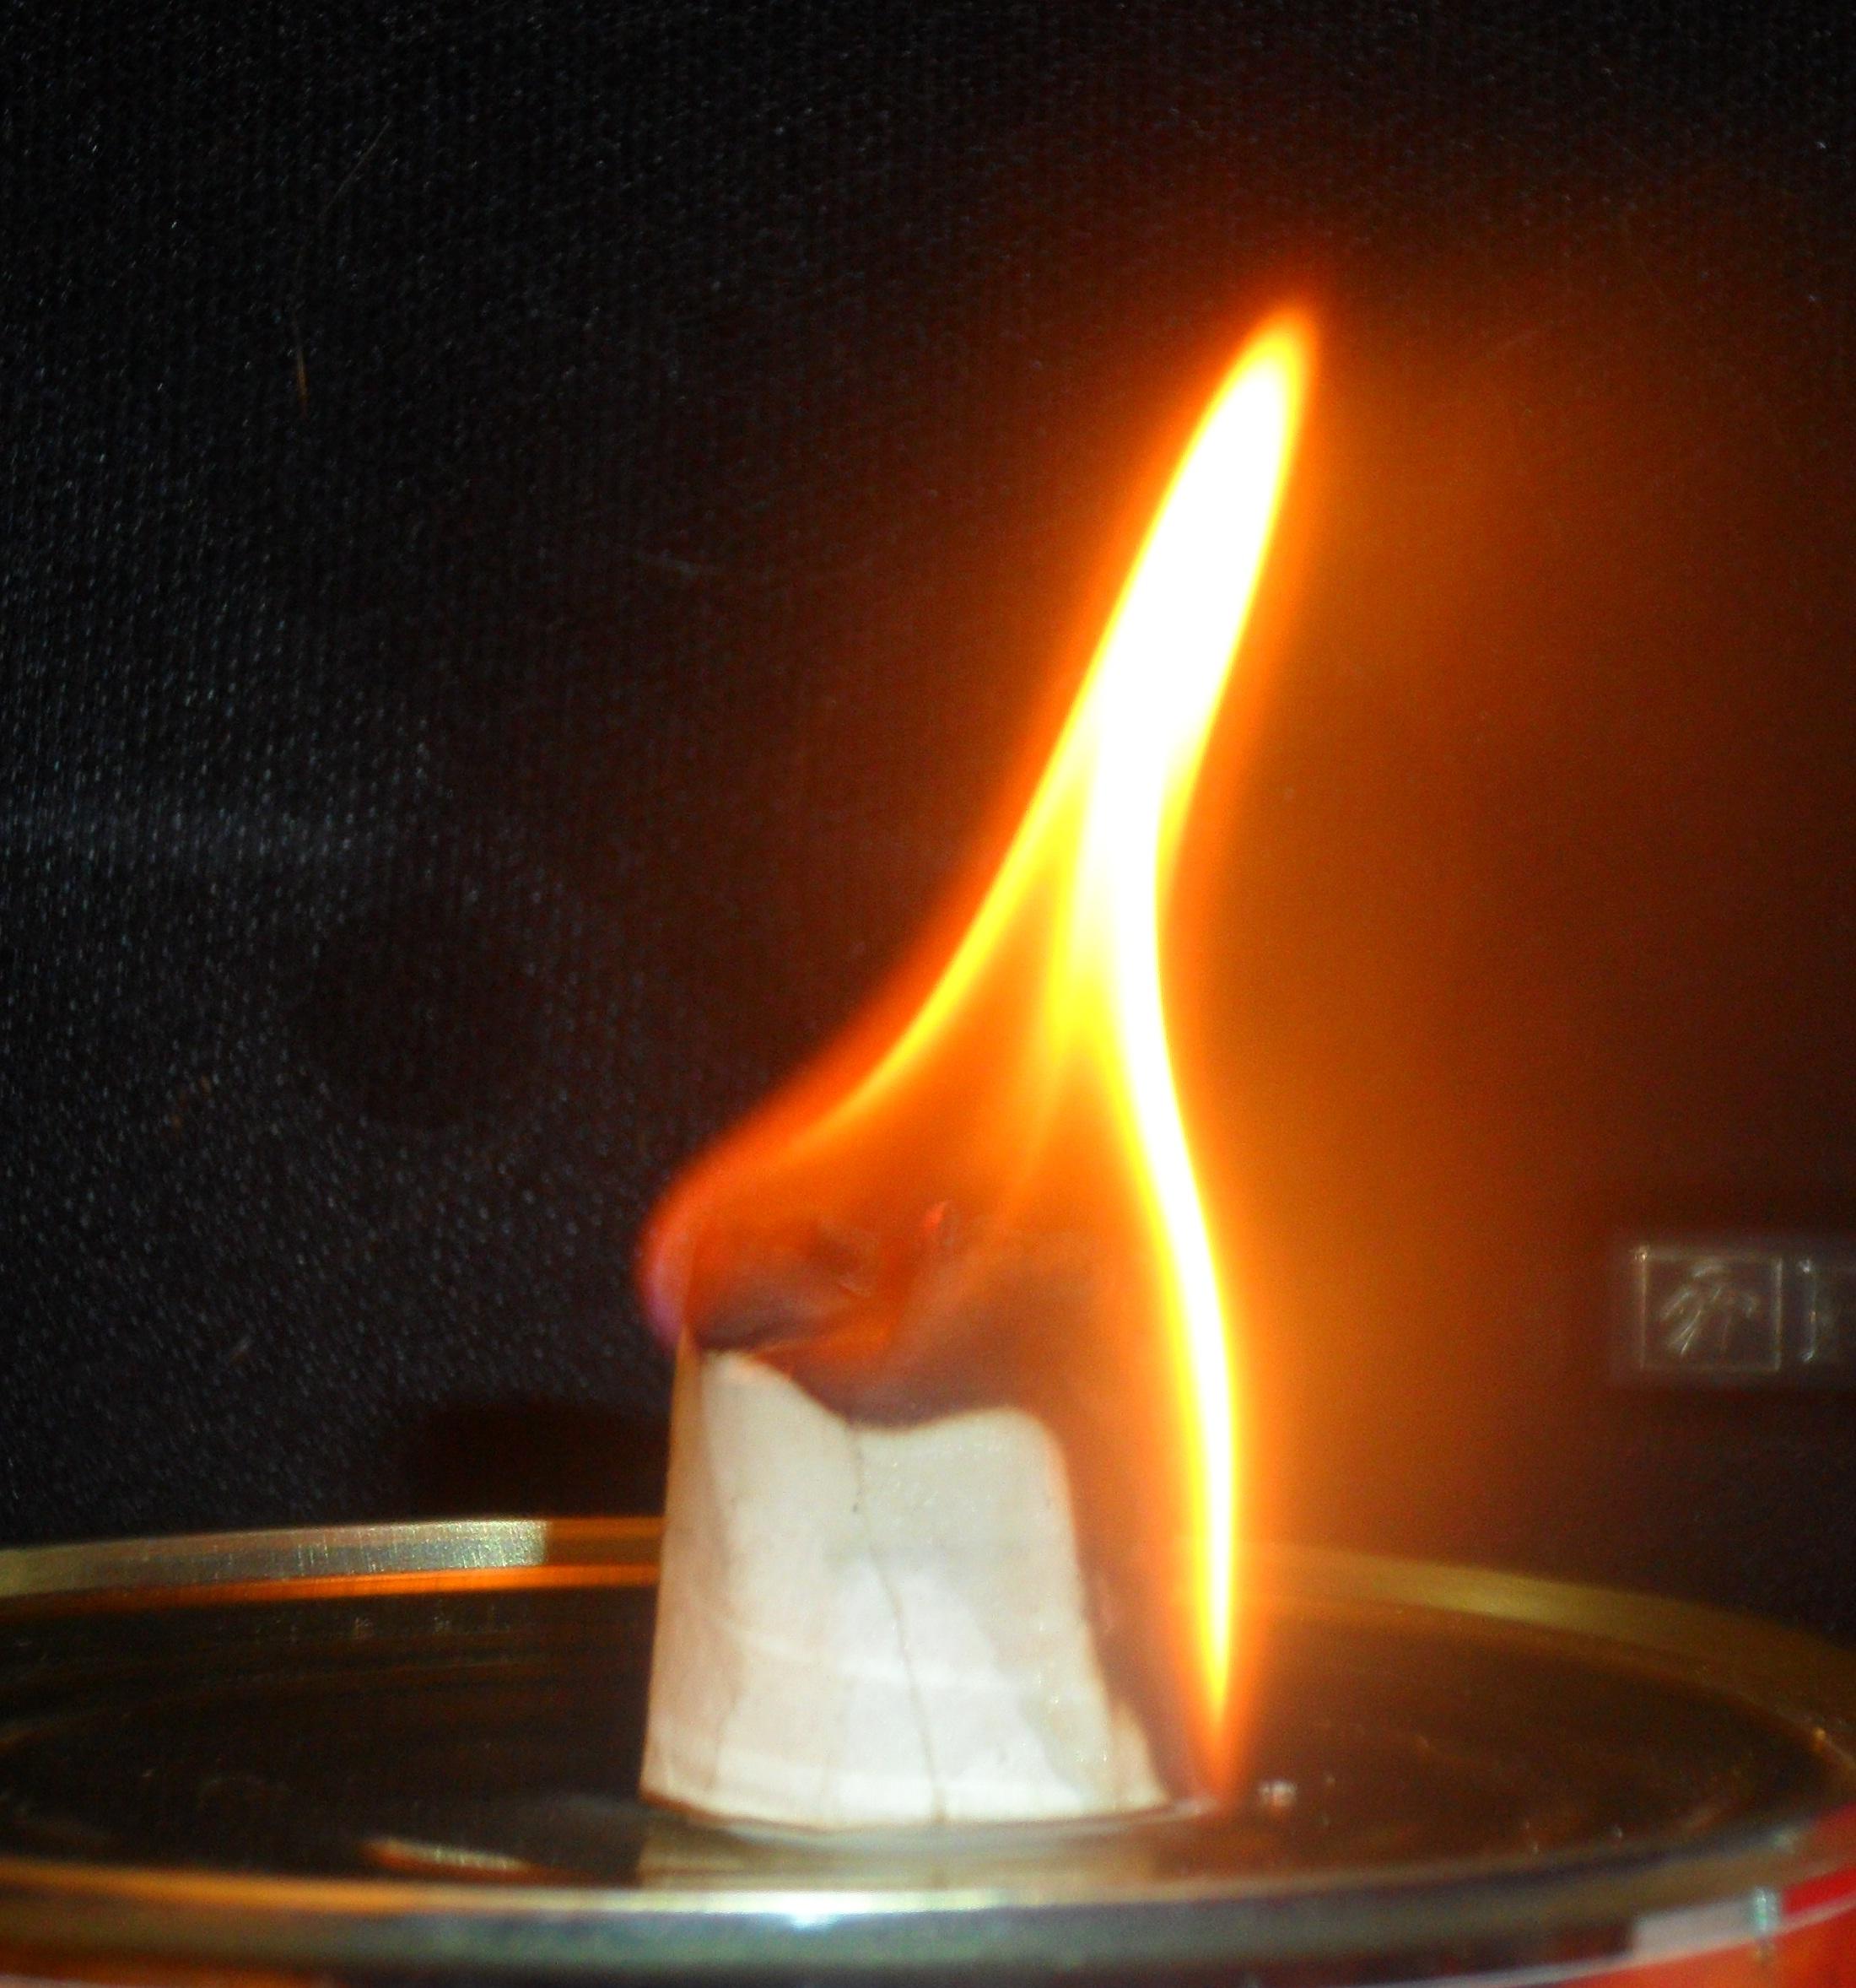 Improvised Emergency Handwarmer / Firestarter